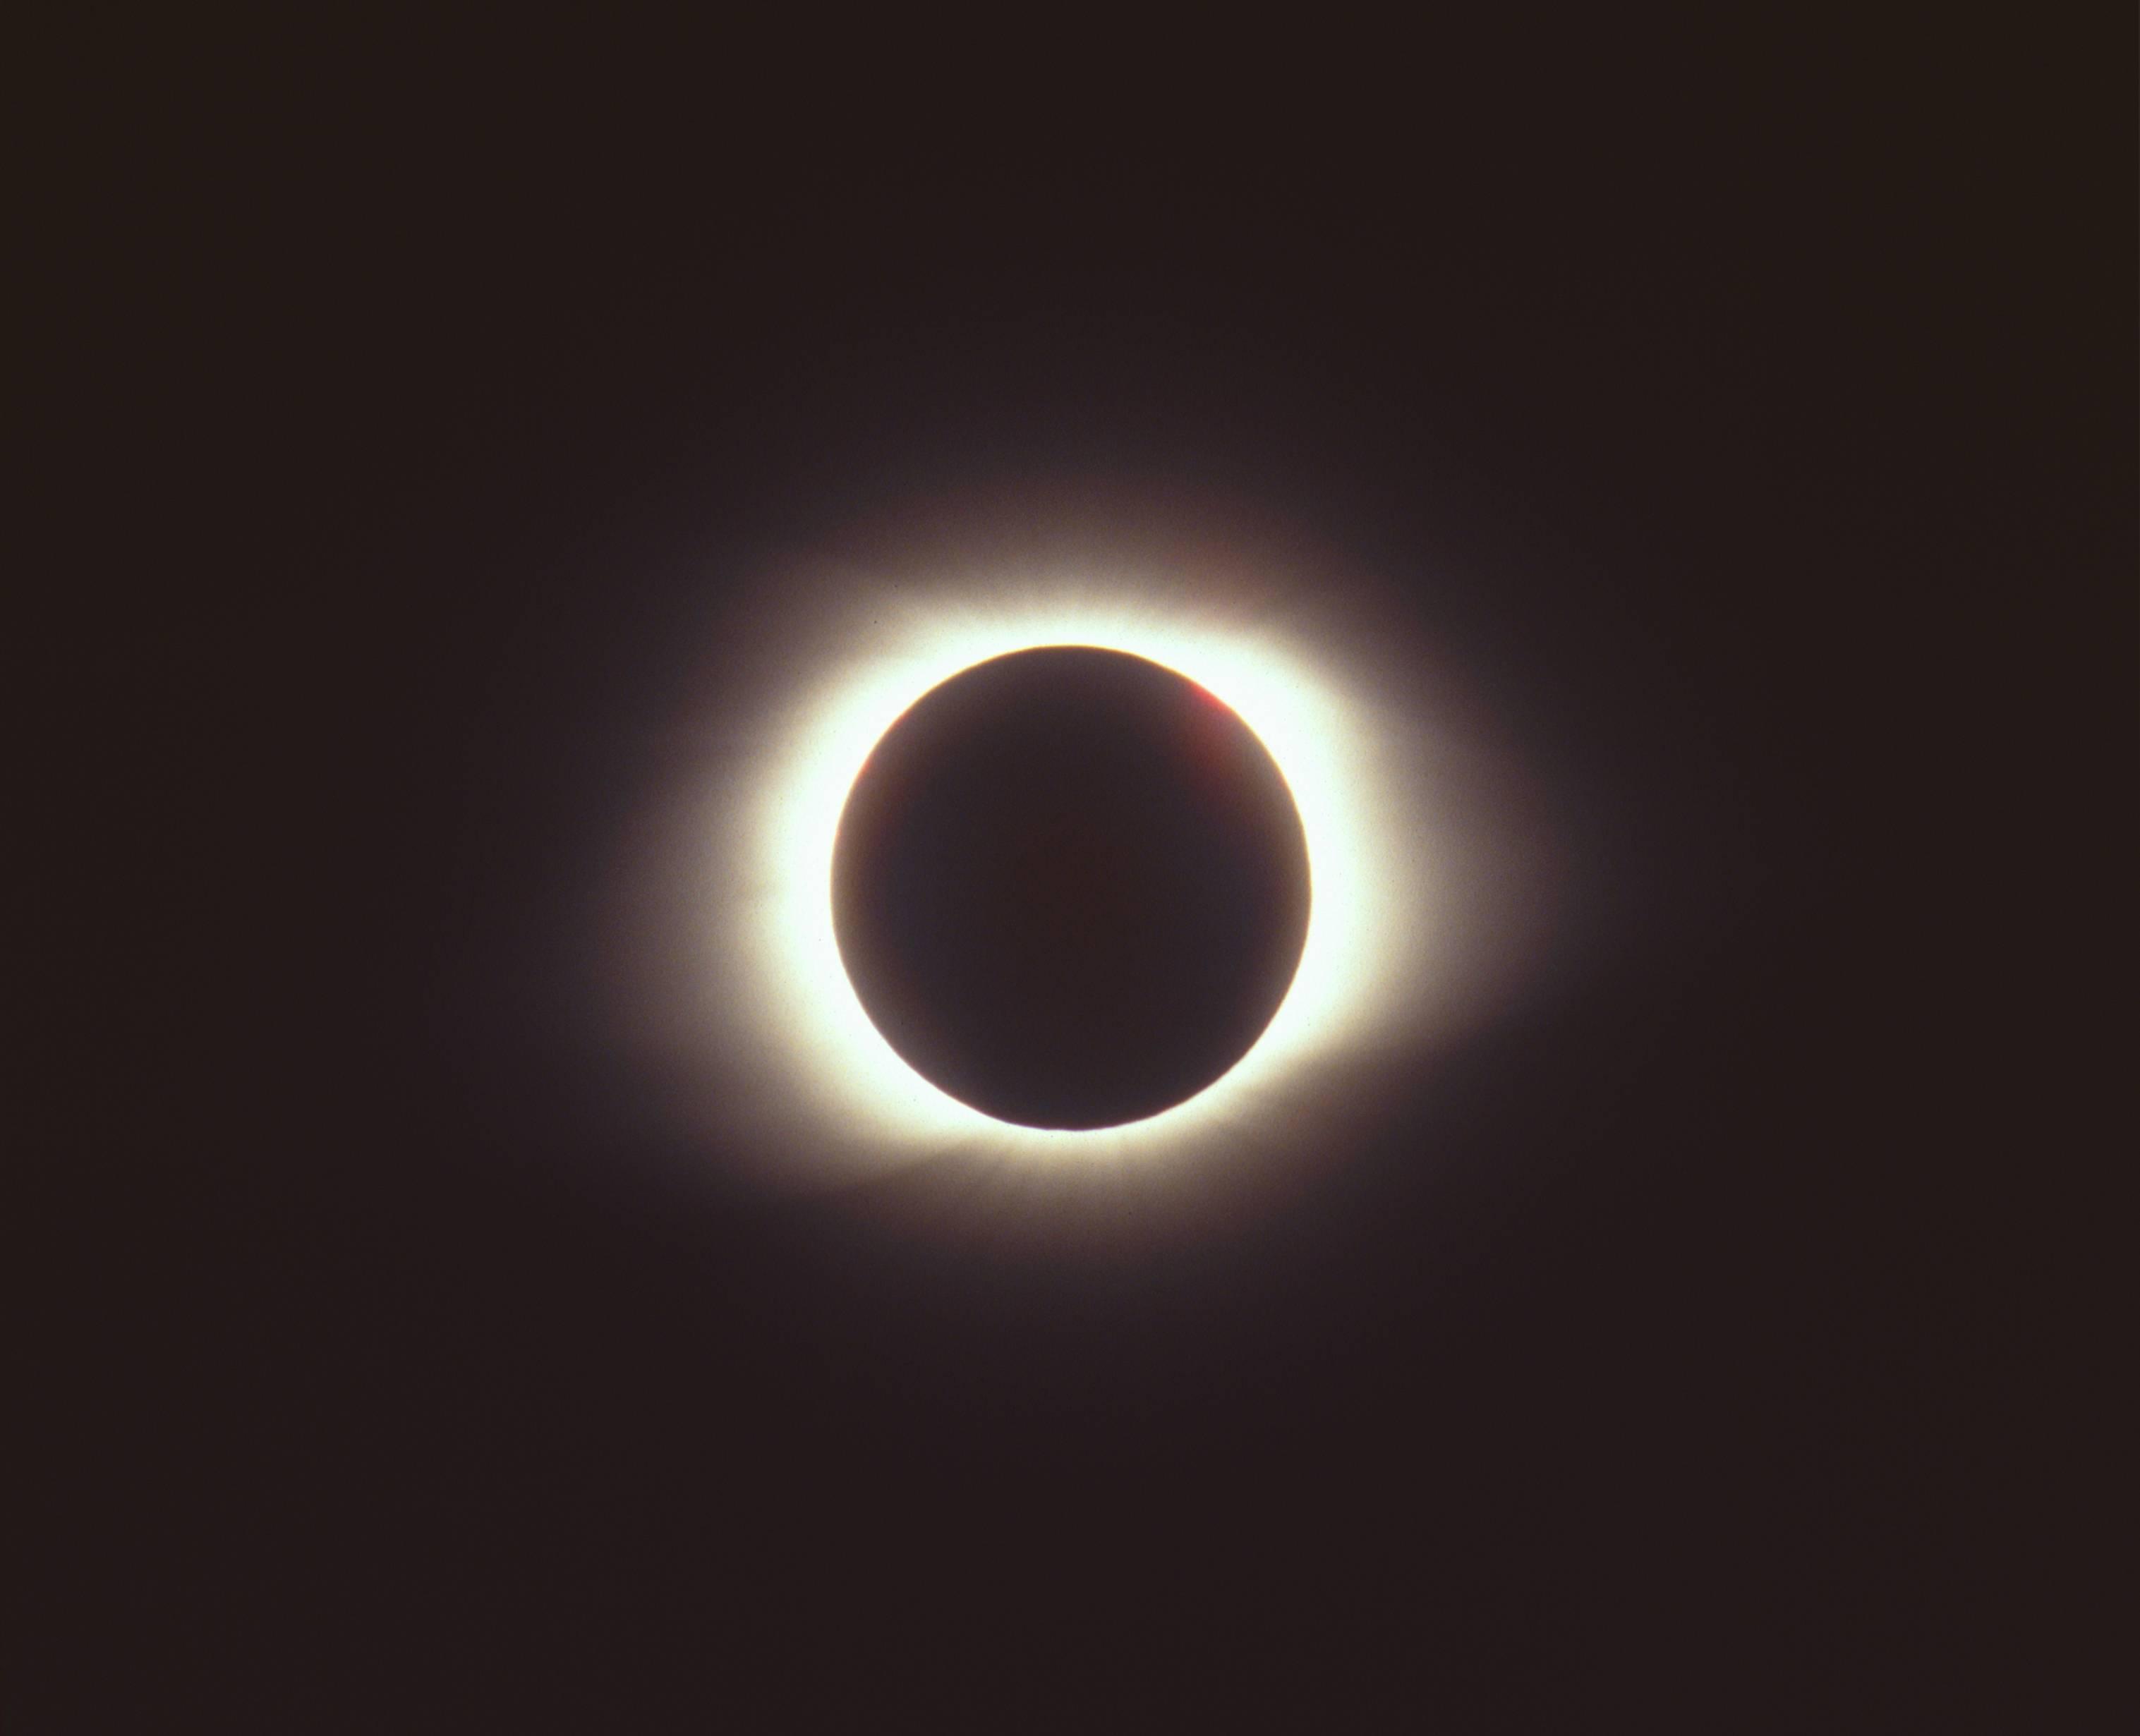 Eclipse solar: ¿Cómo y a qué hora podrás verlo desde México?